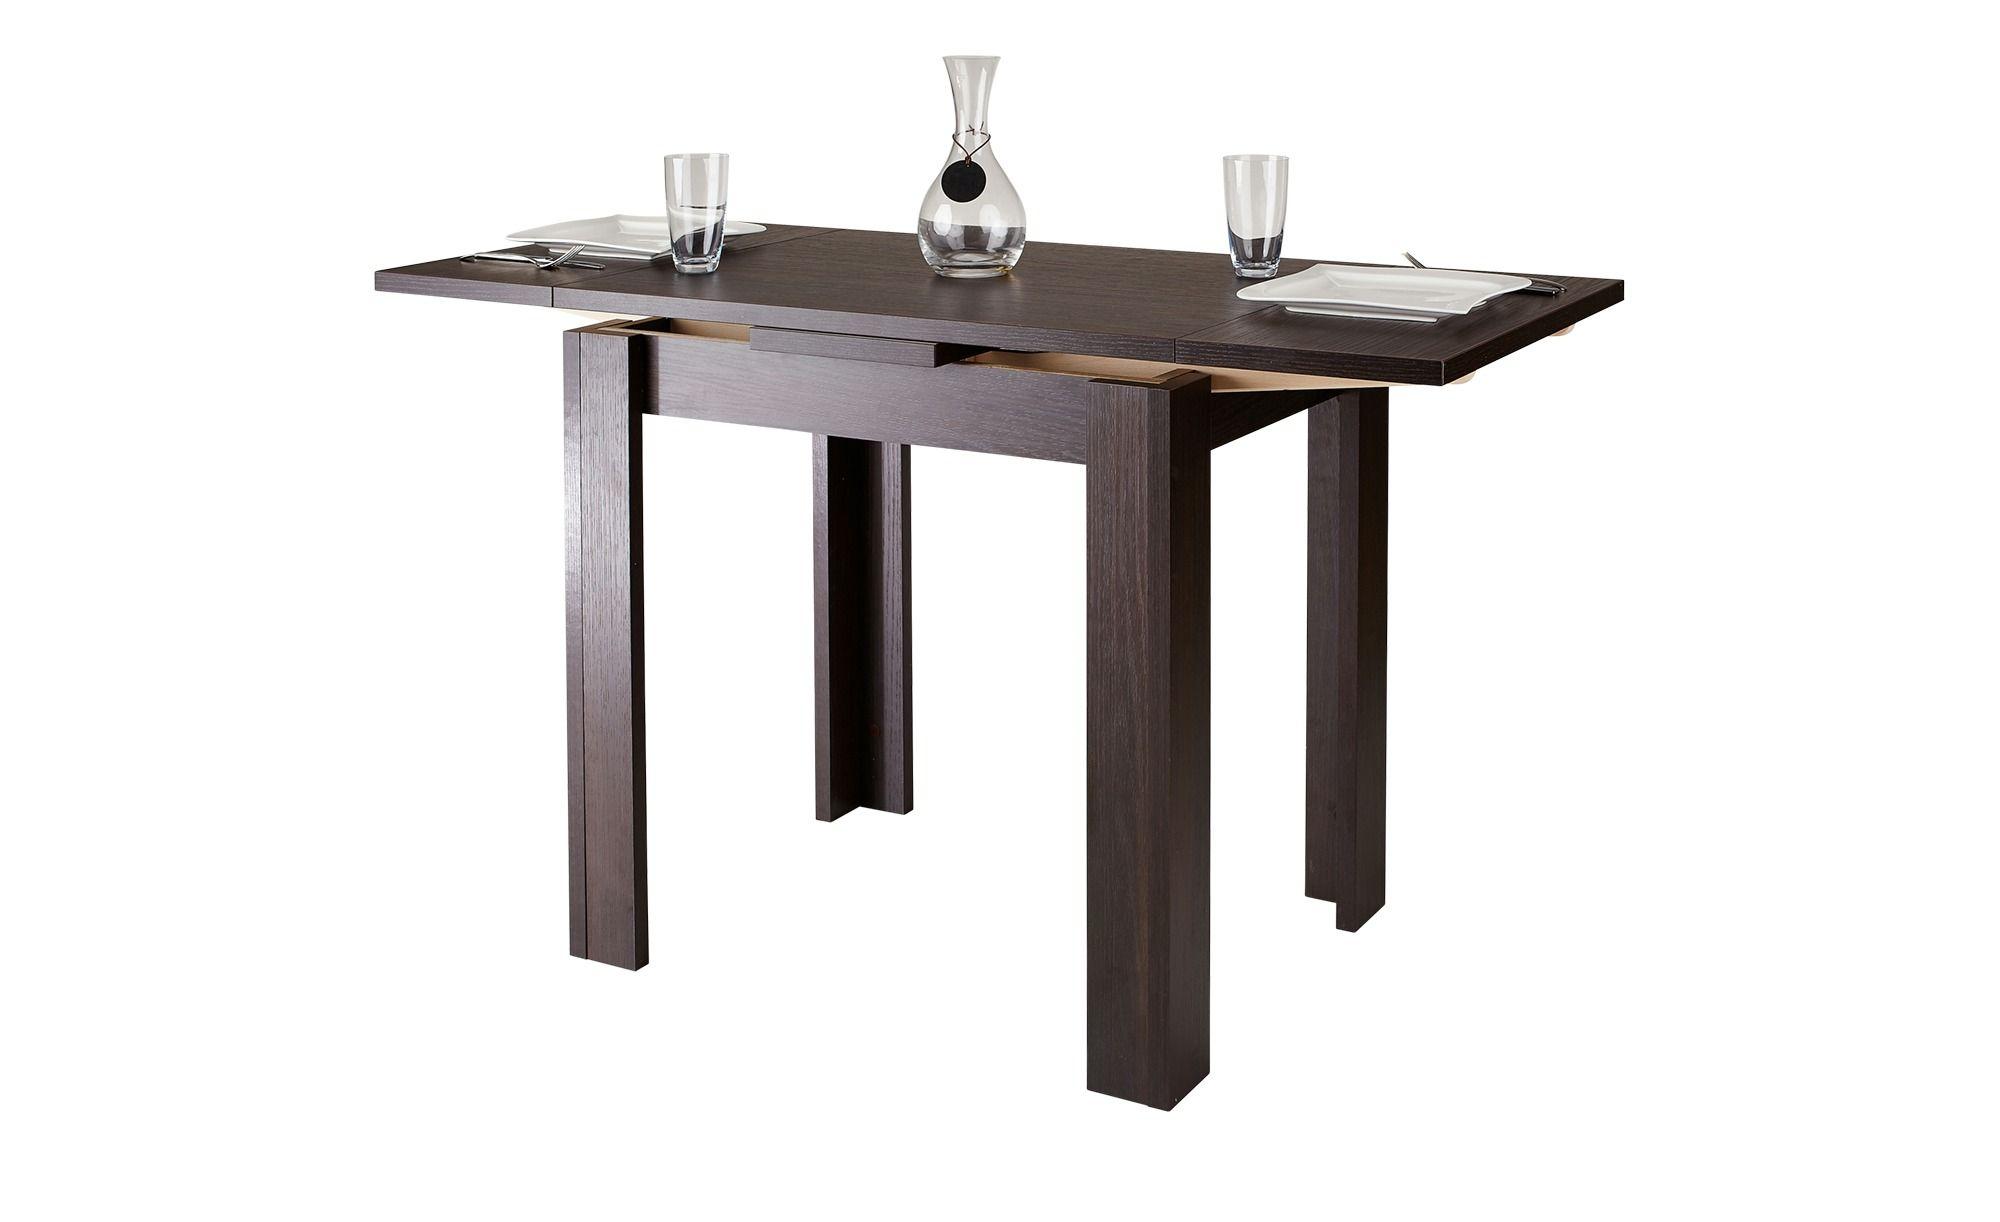 Esstisch Ausziehbar Flex Gefunden Bei Mobel Hoffner Esstisch Ausziehbar Esstisch Und Tisch